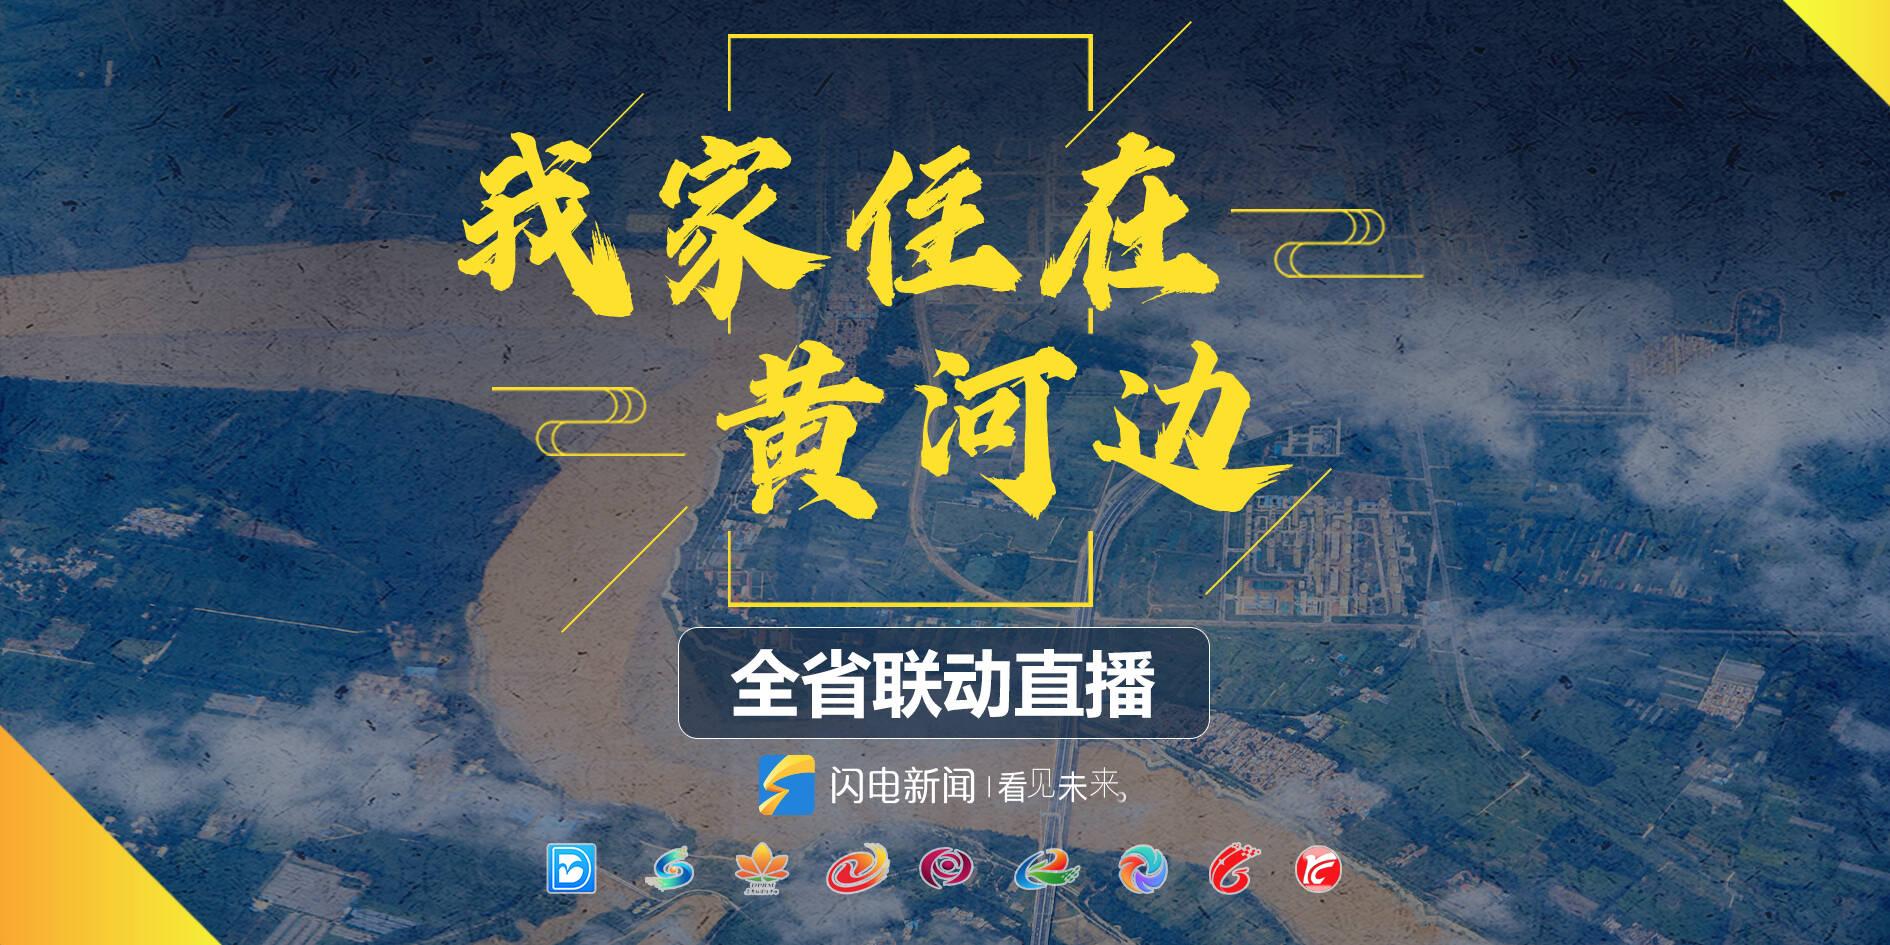 明天见!这场关于黄河的全省联动直播安排上了